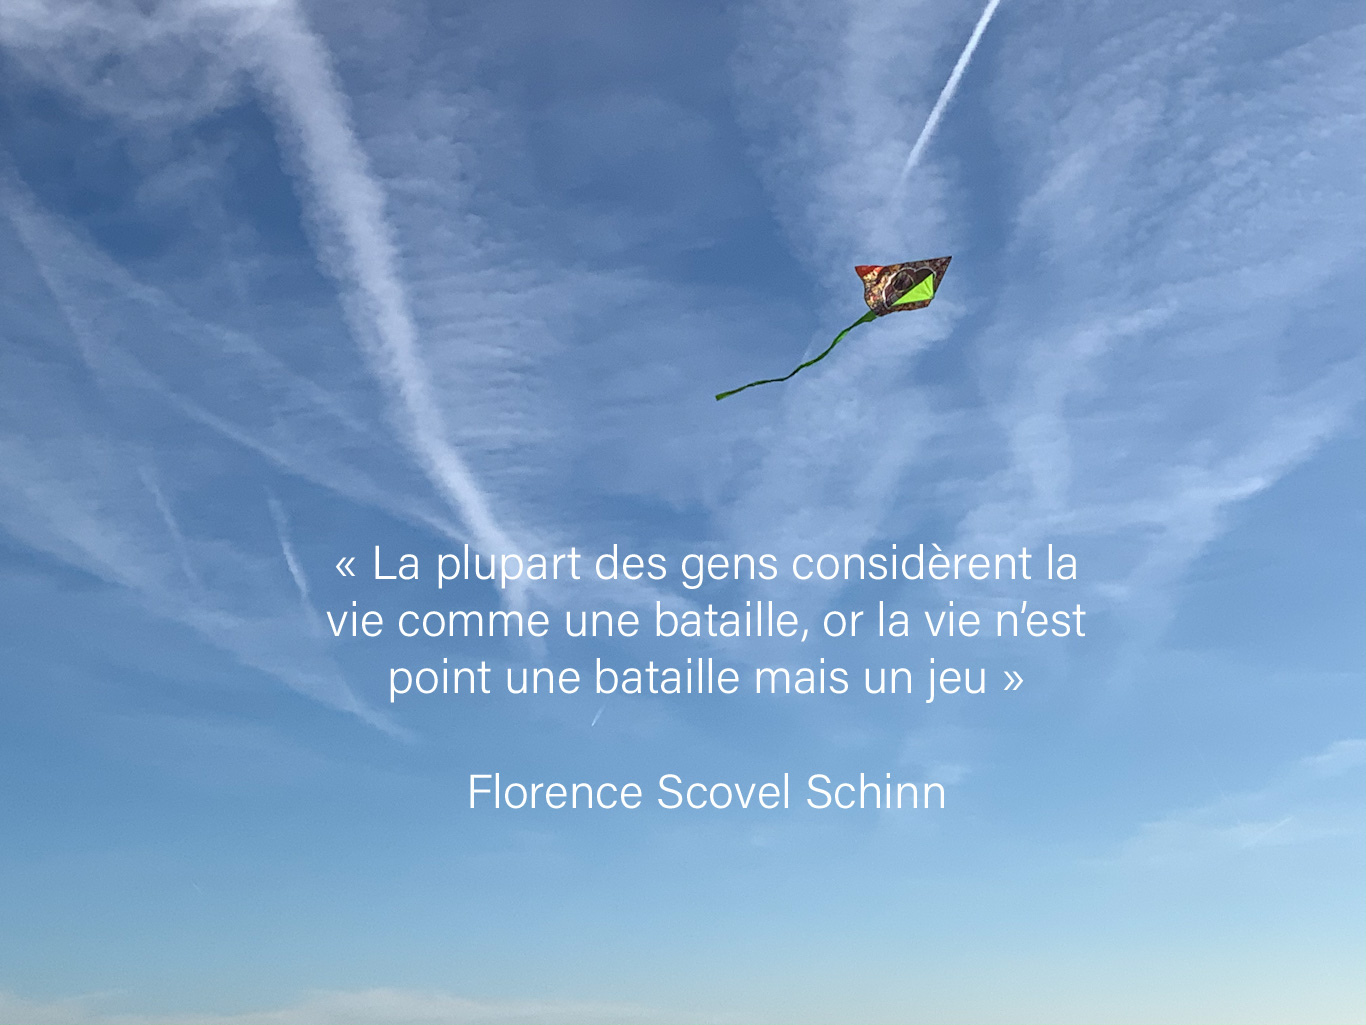 Cerf-volant dans le ciel et citation sur la vie